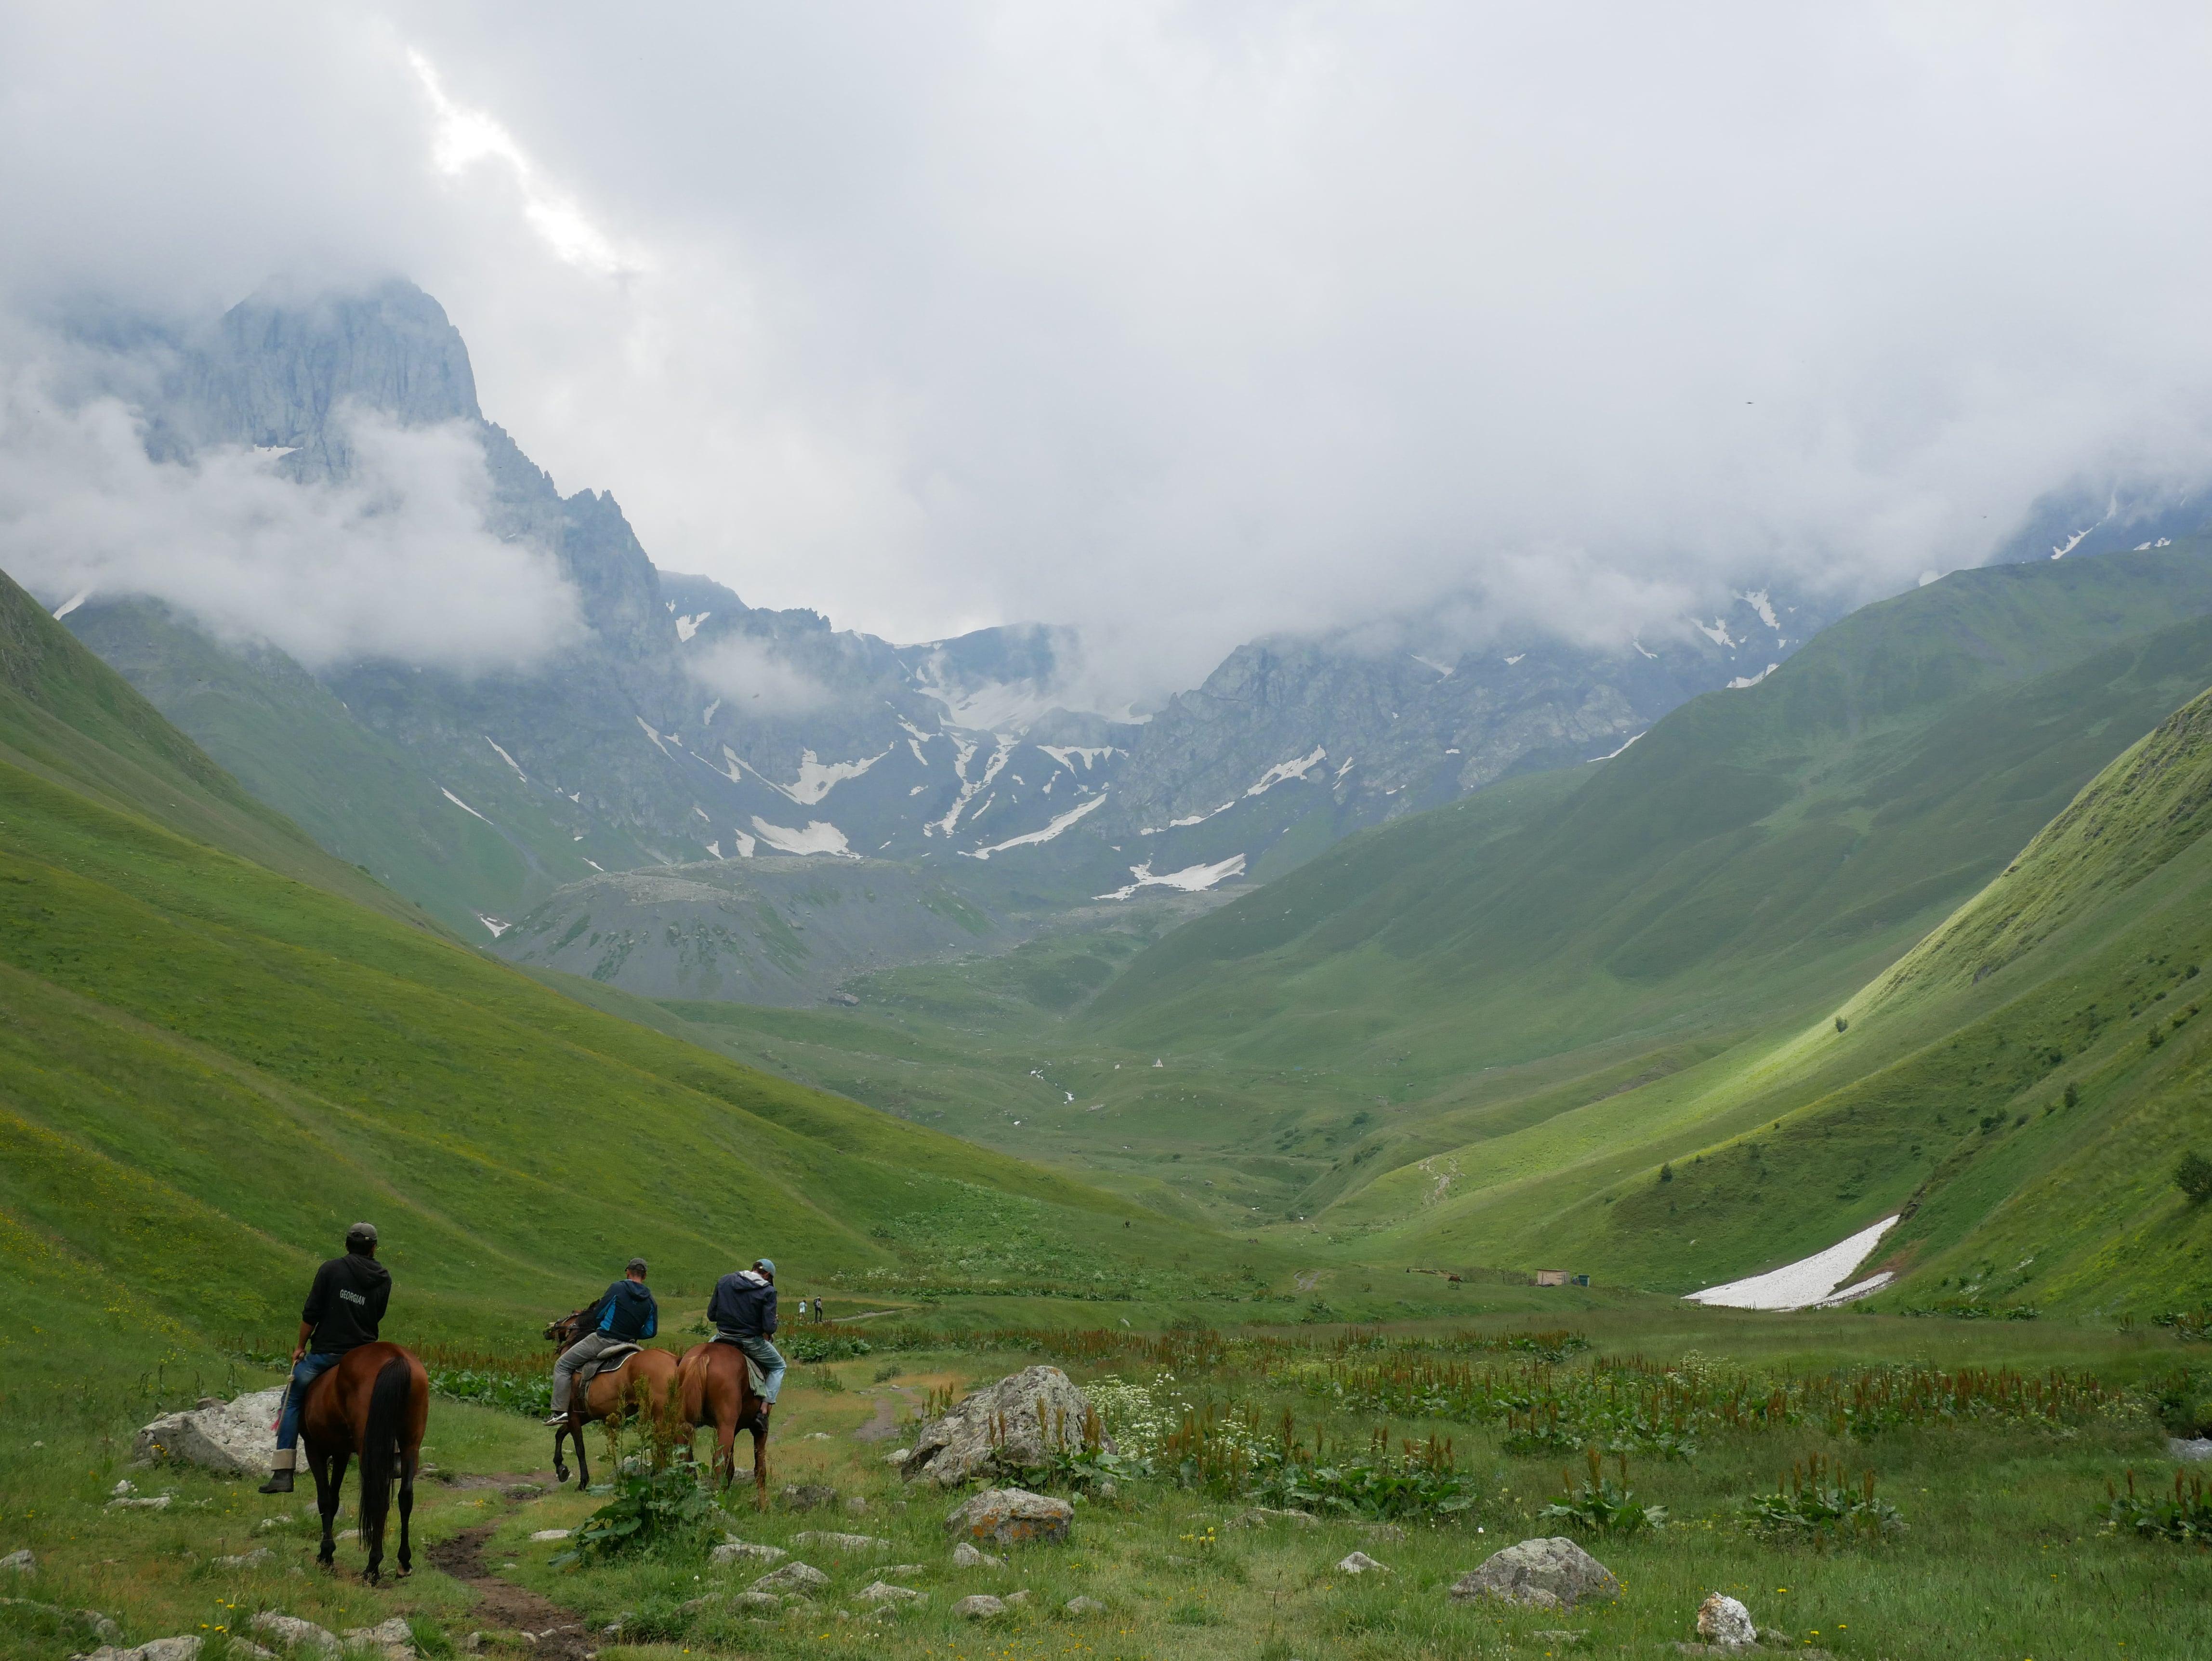 Les grandes montagnes du Caucase à perte de vue